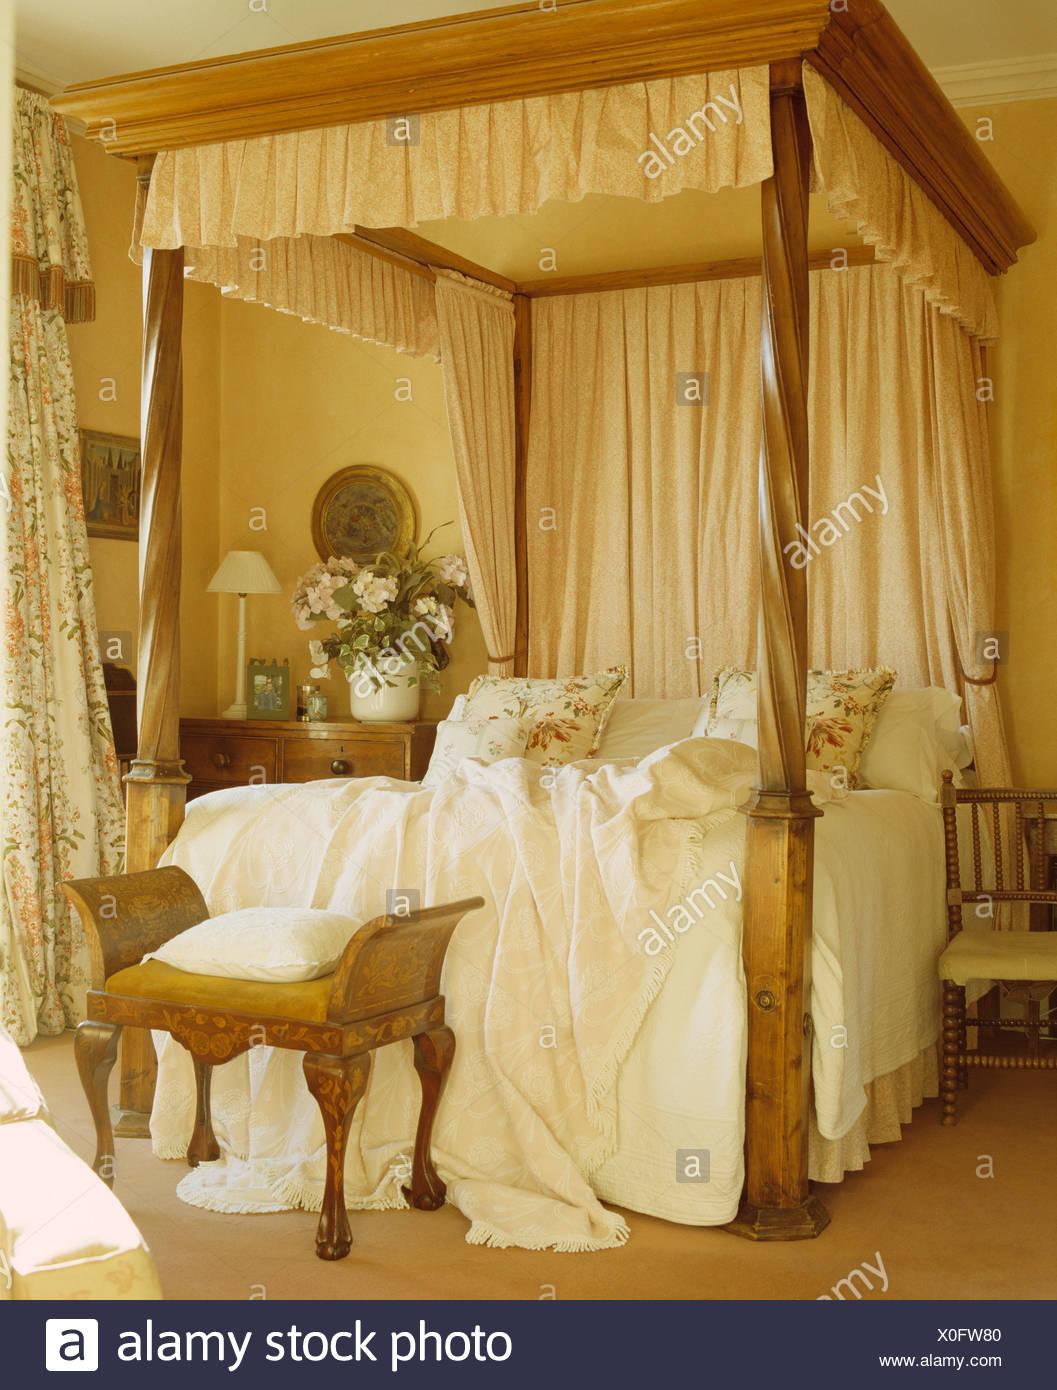 Cremefarbene Vorhänge und weiße Bettwäsche auf alten Kiefer ...